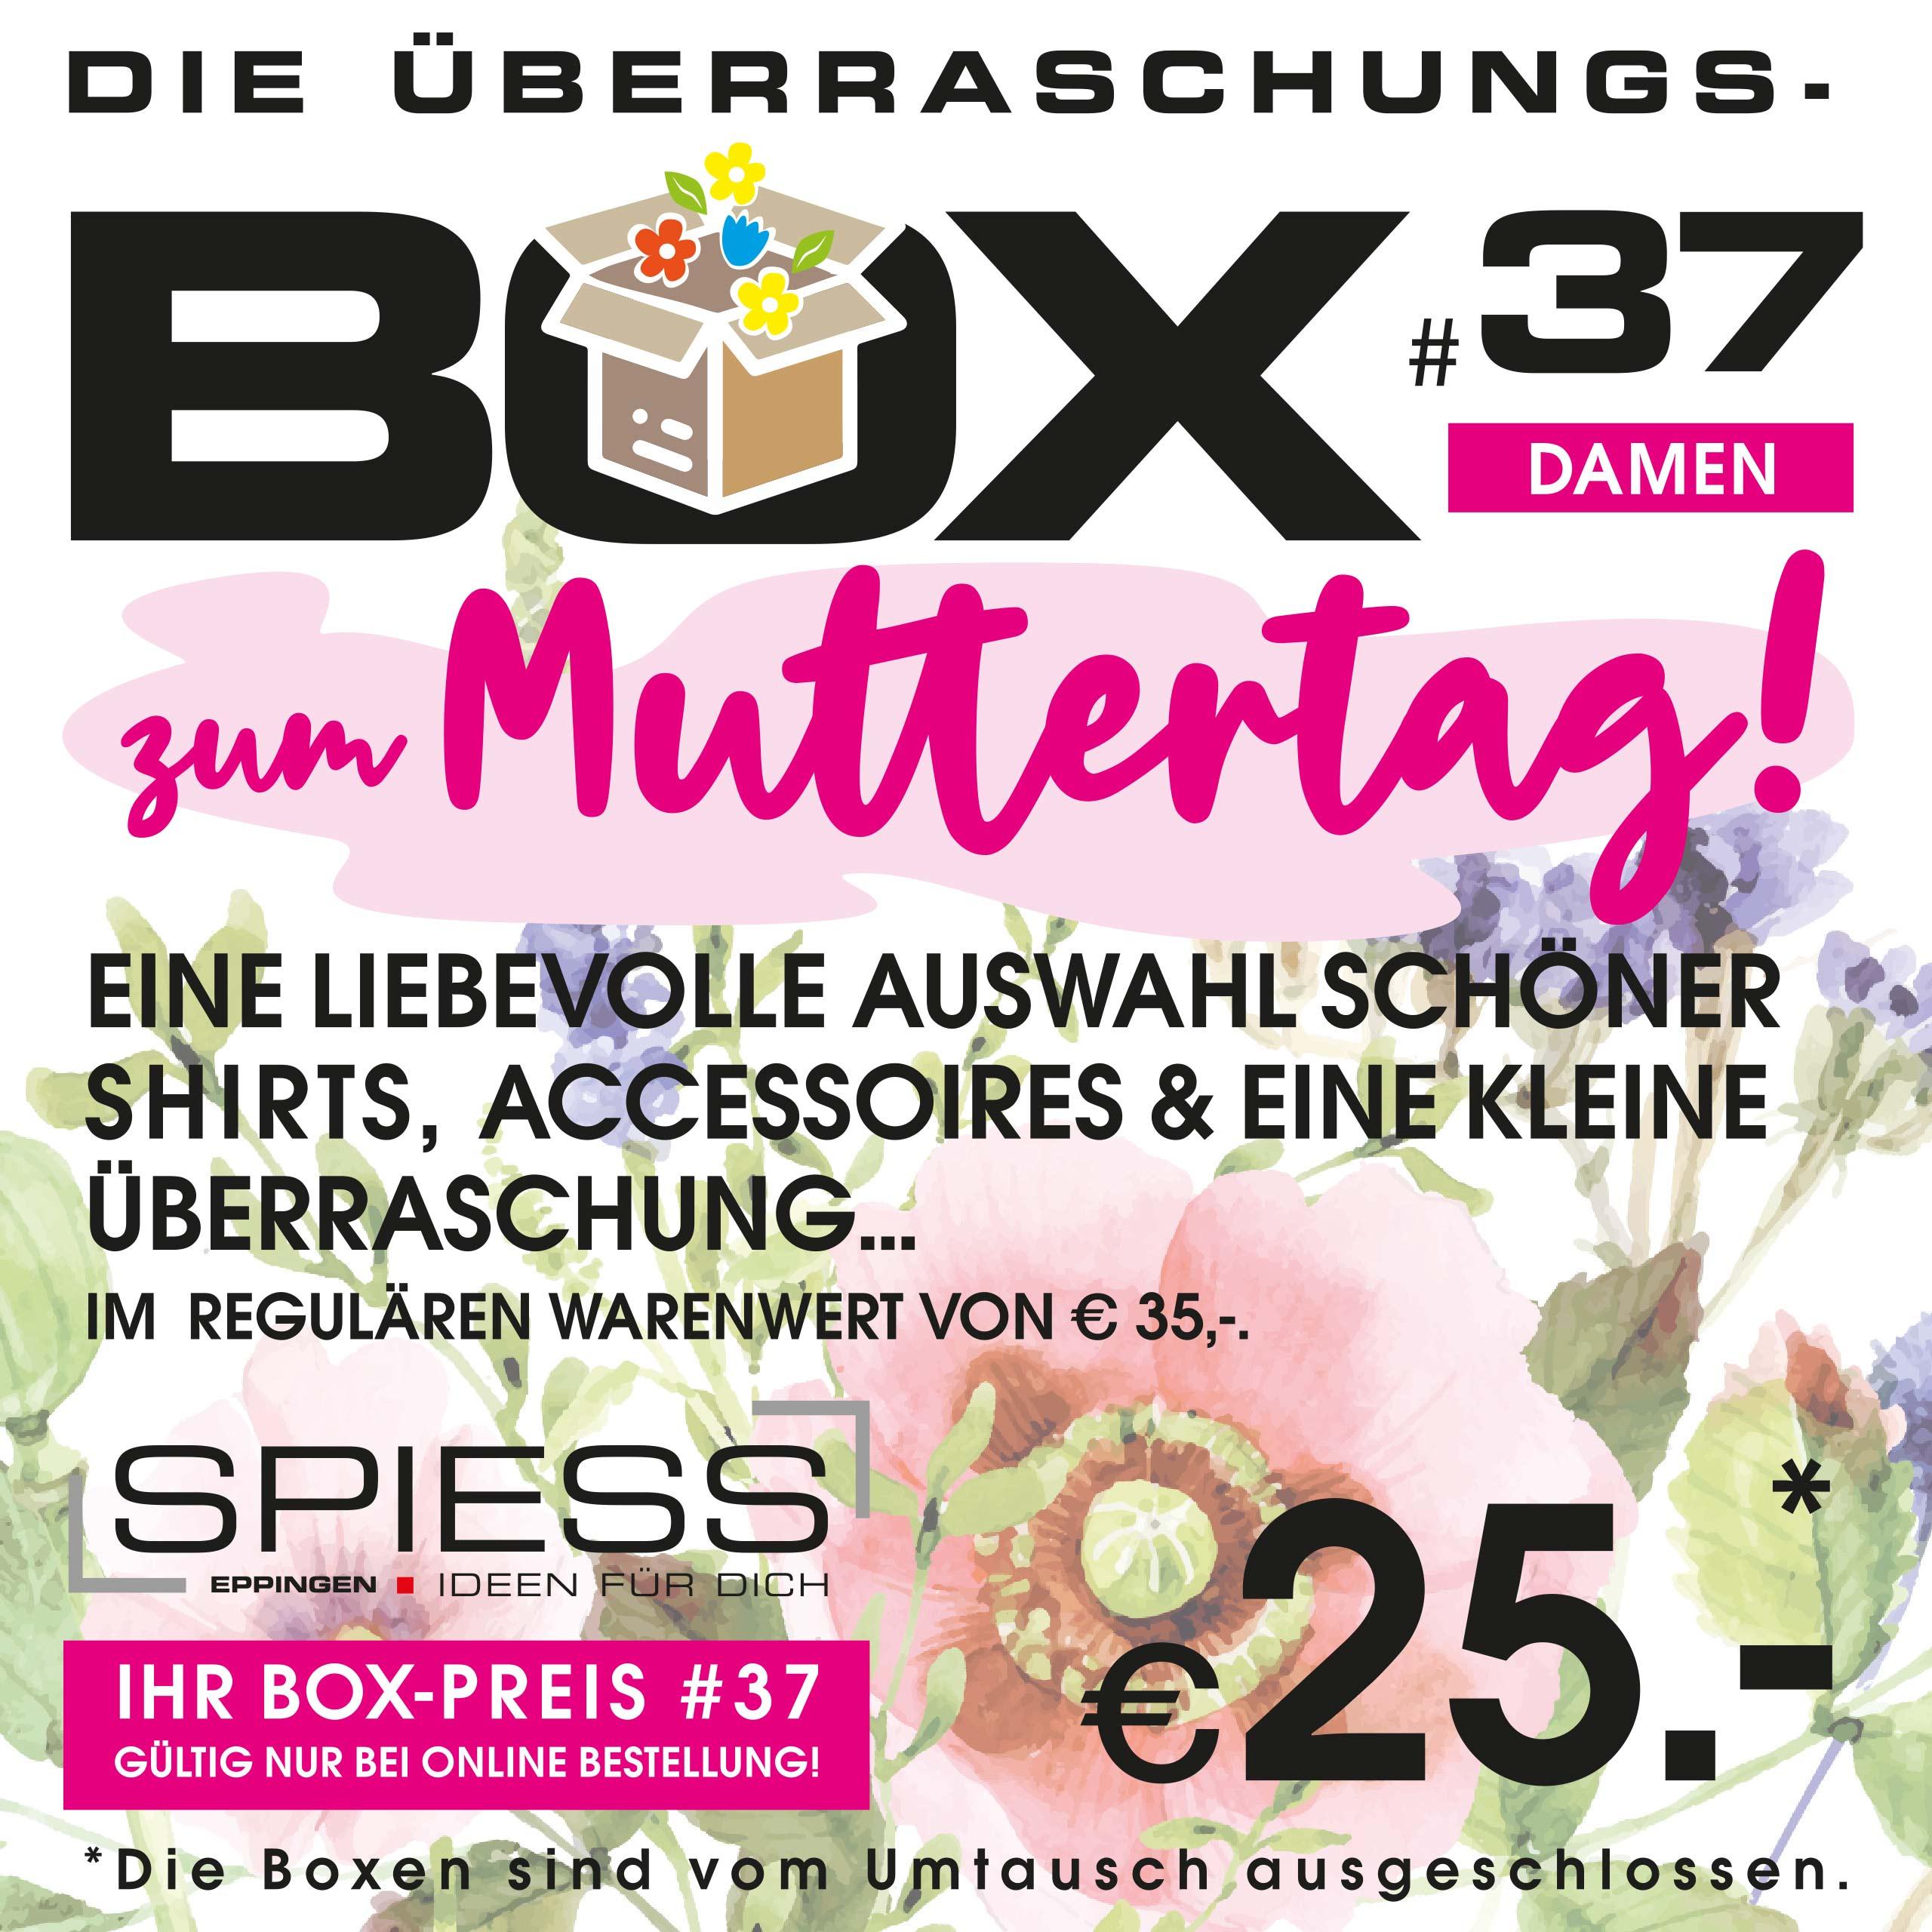 Überraschungsbox #37 |Muttertag | SPIESS Modehaus Eppingen